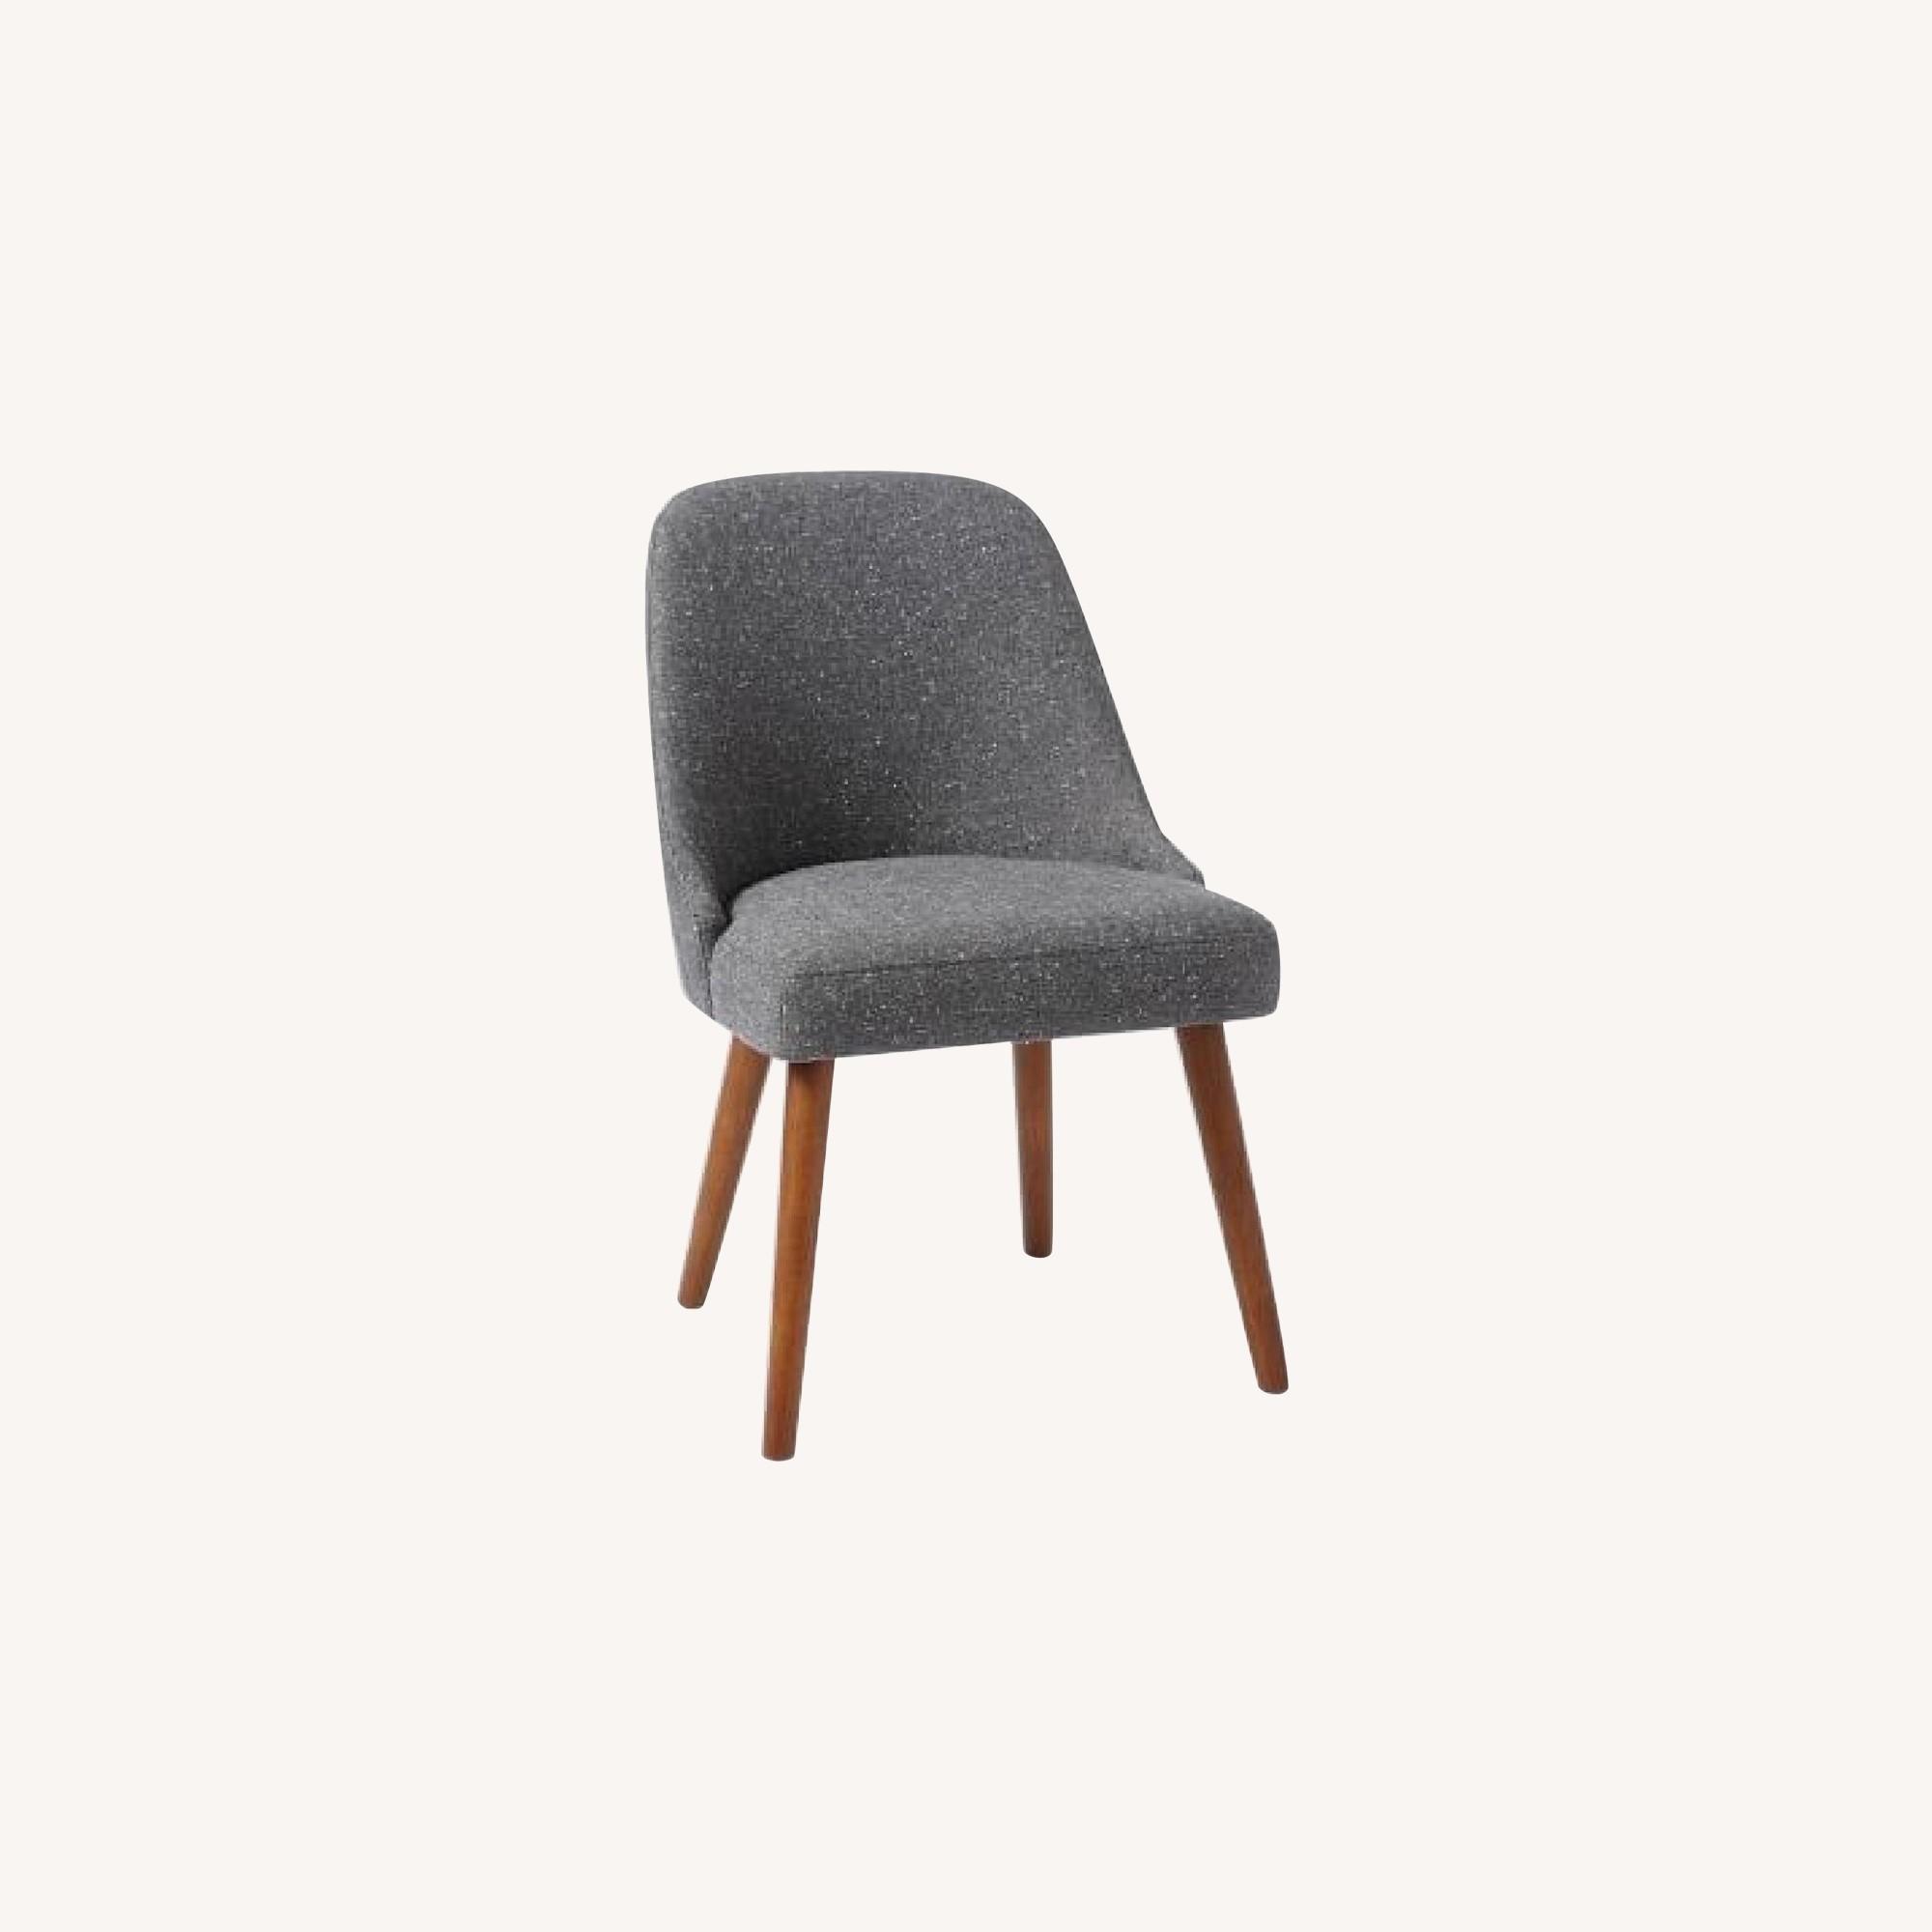 West Elm Mid Century Dining Chair in Salt & Pepper Tweed